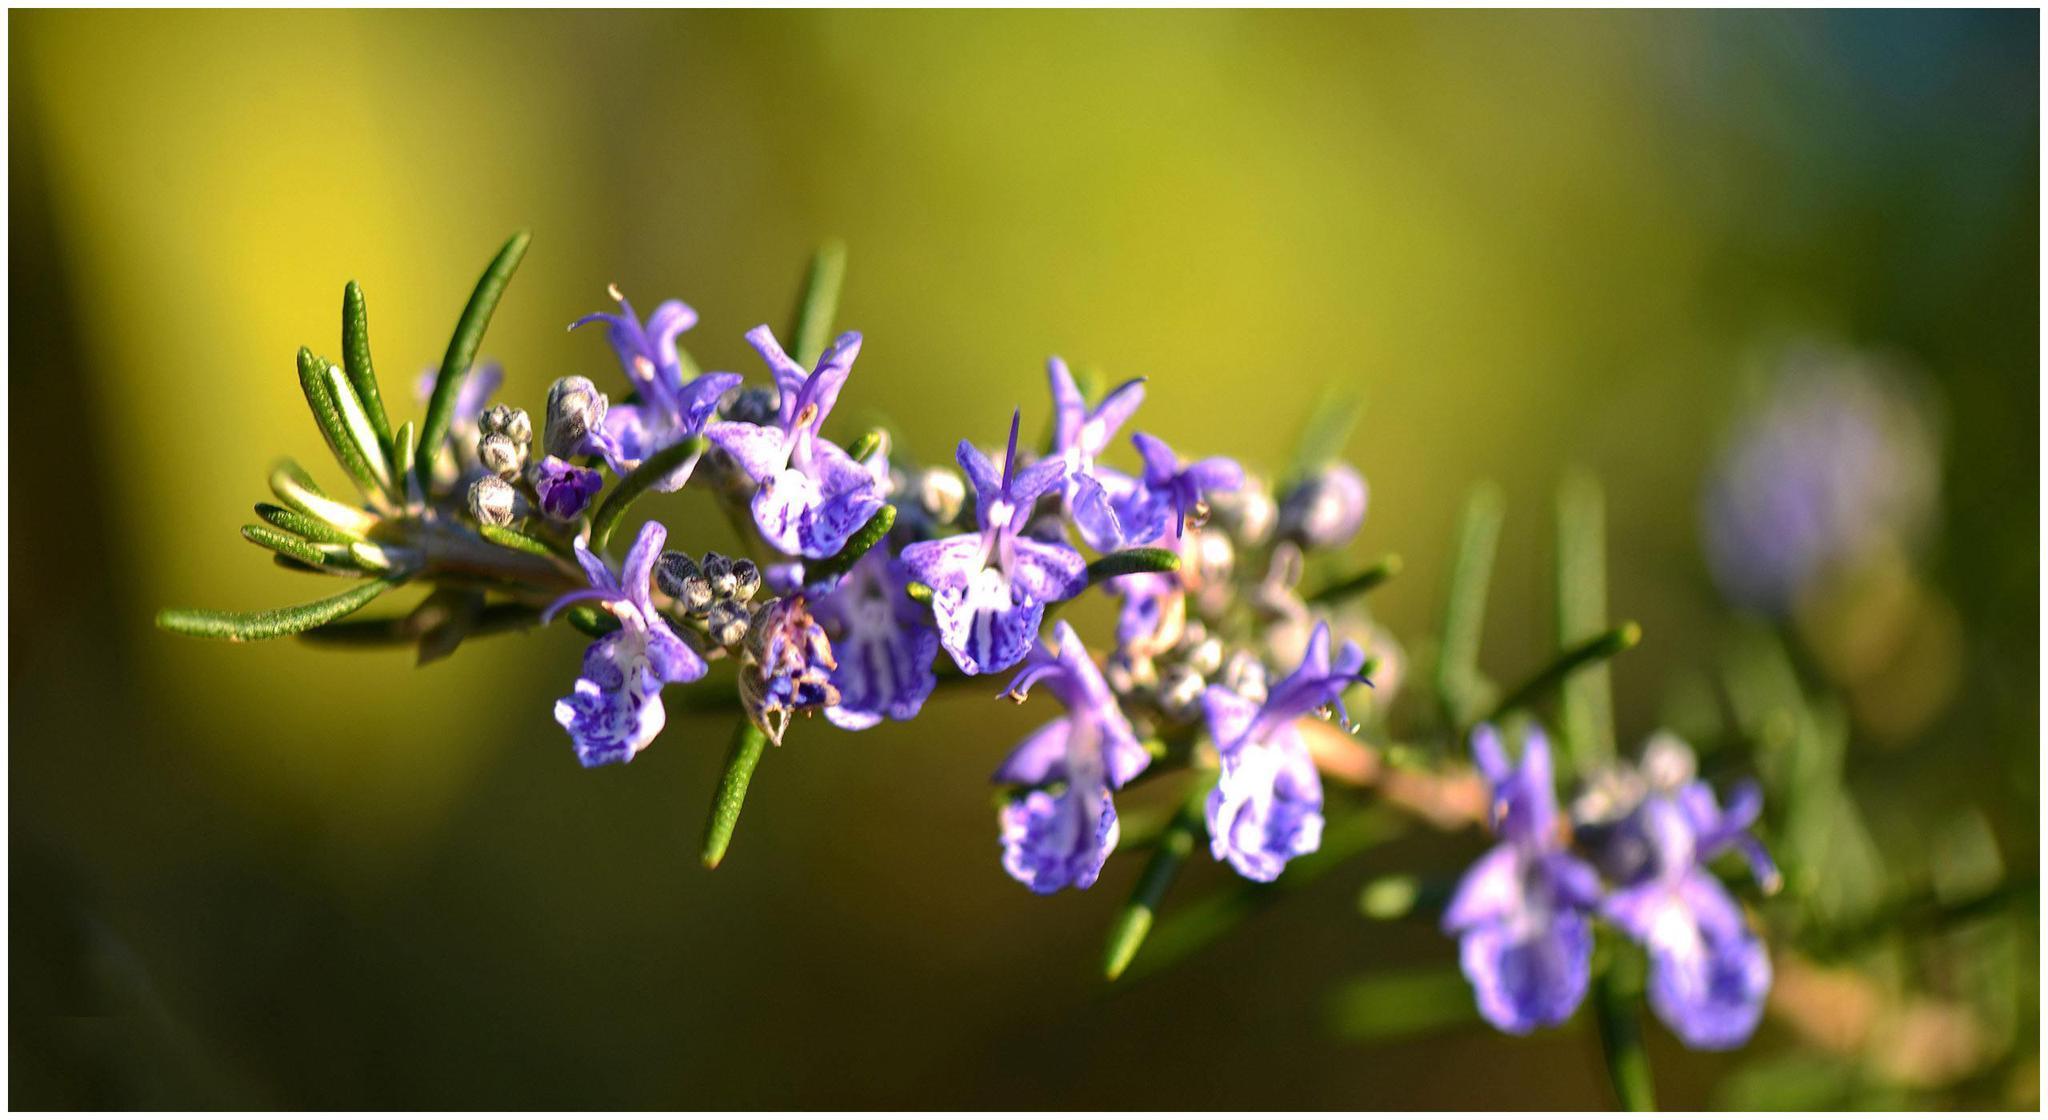 紫花凤梨,最喜欢阳光充足的环境,养护的时候注意